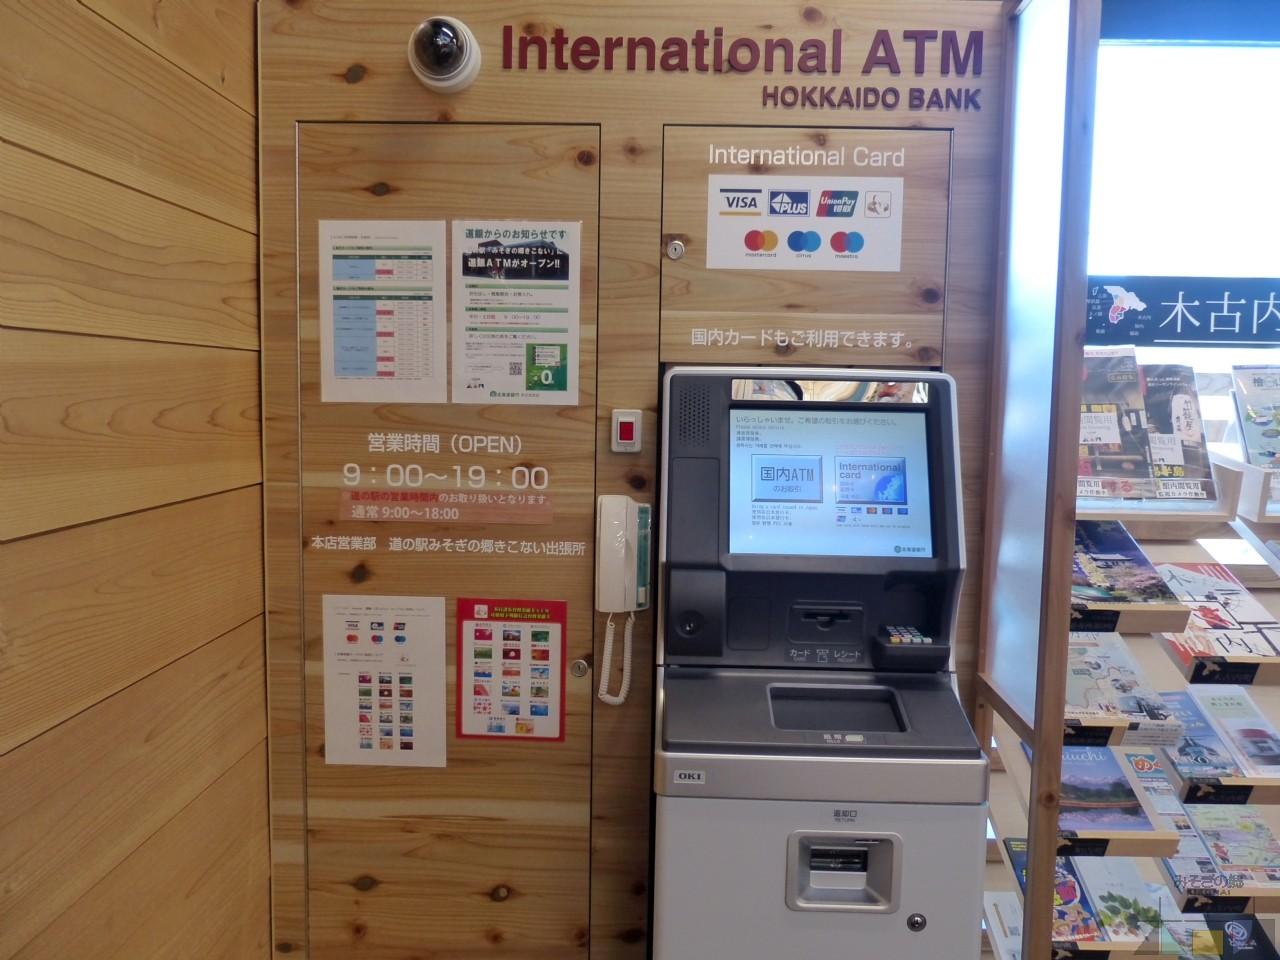 道銀ATMがパワーアップ! お預け入れと海外VISA,masterのお引き出しが可能に!